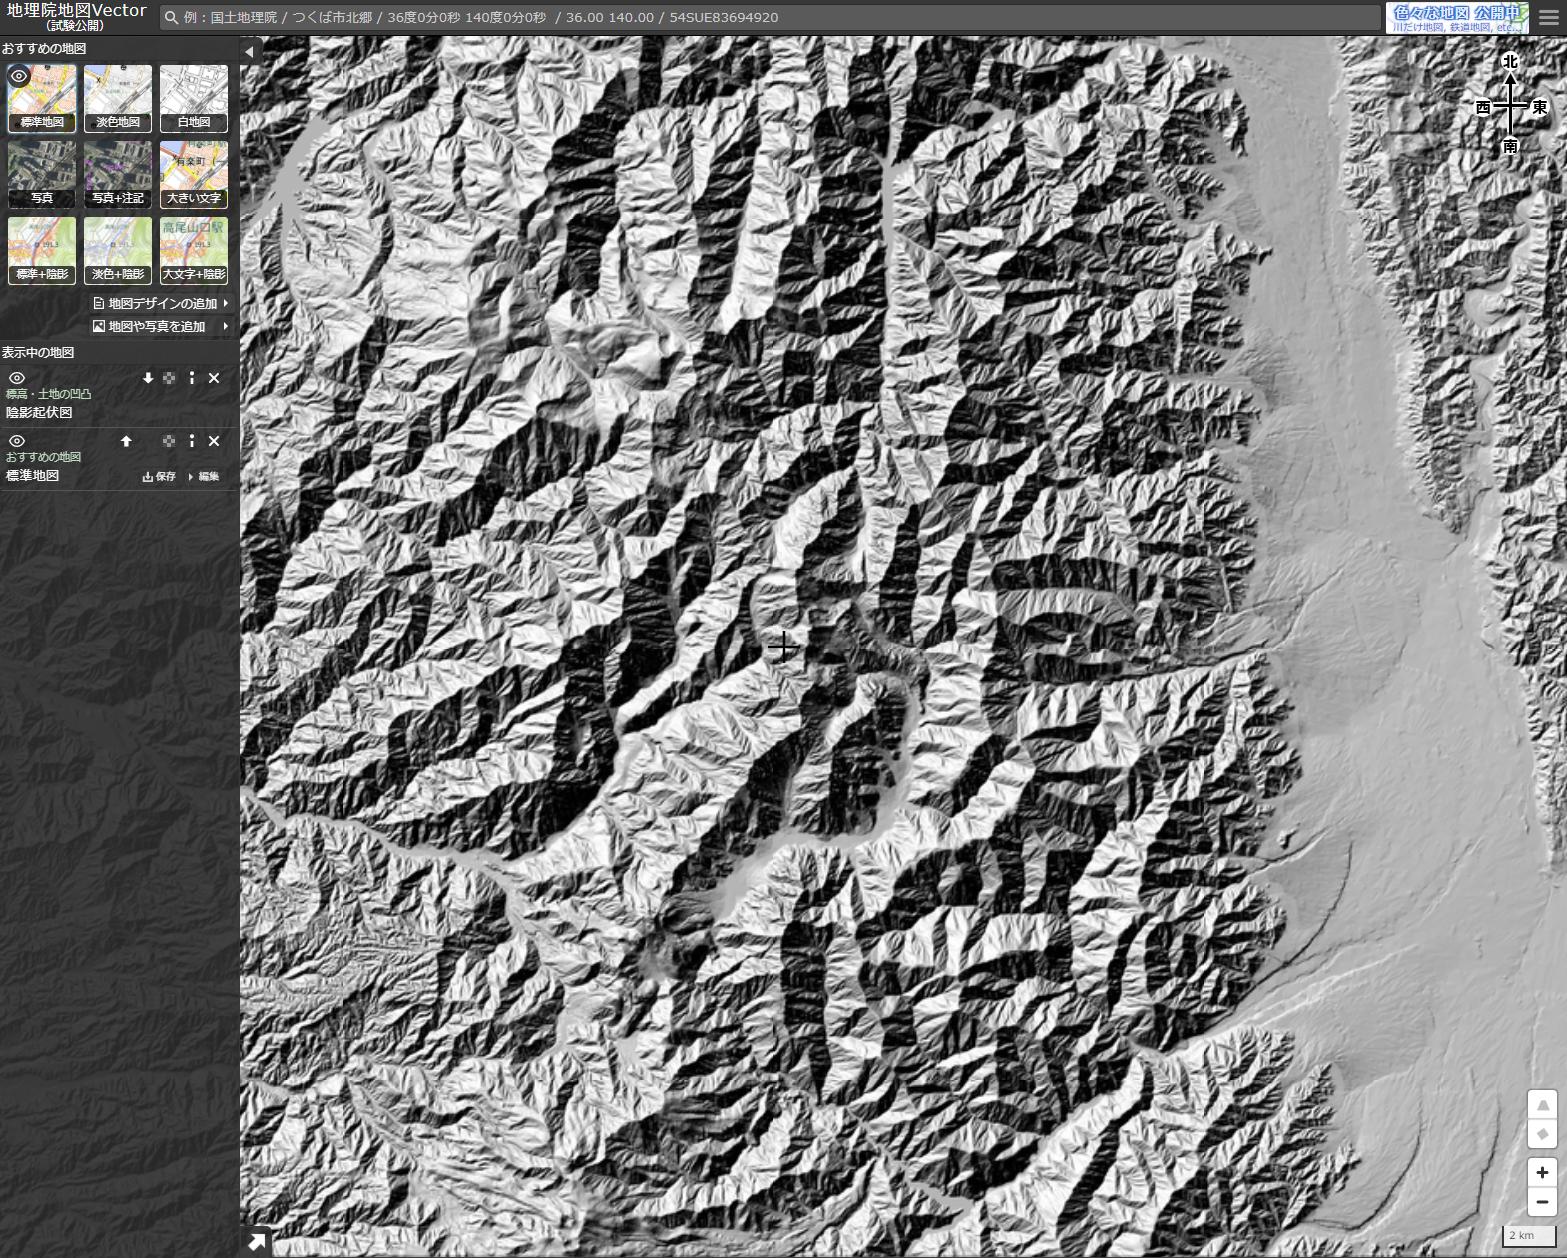 陰影起伏図夏休みの自由研究におすすめな国土地理院「地理院地図Vector」の陰影起伏図画面